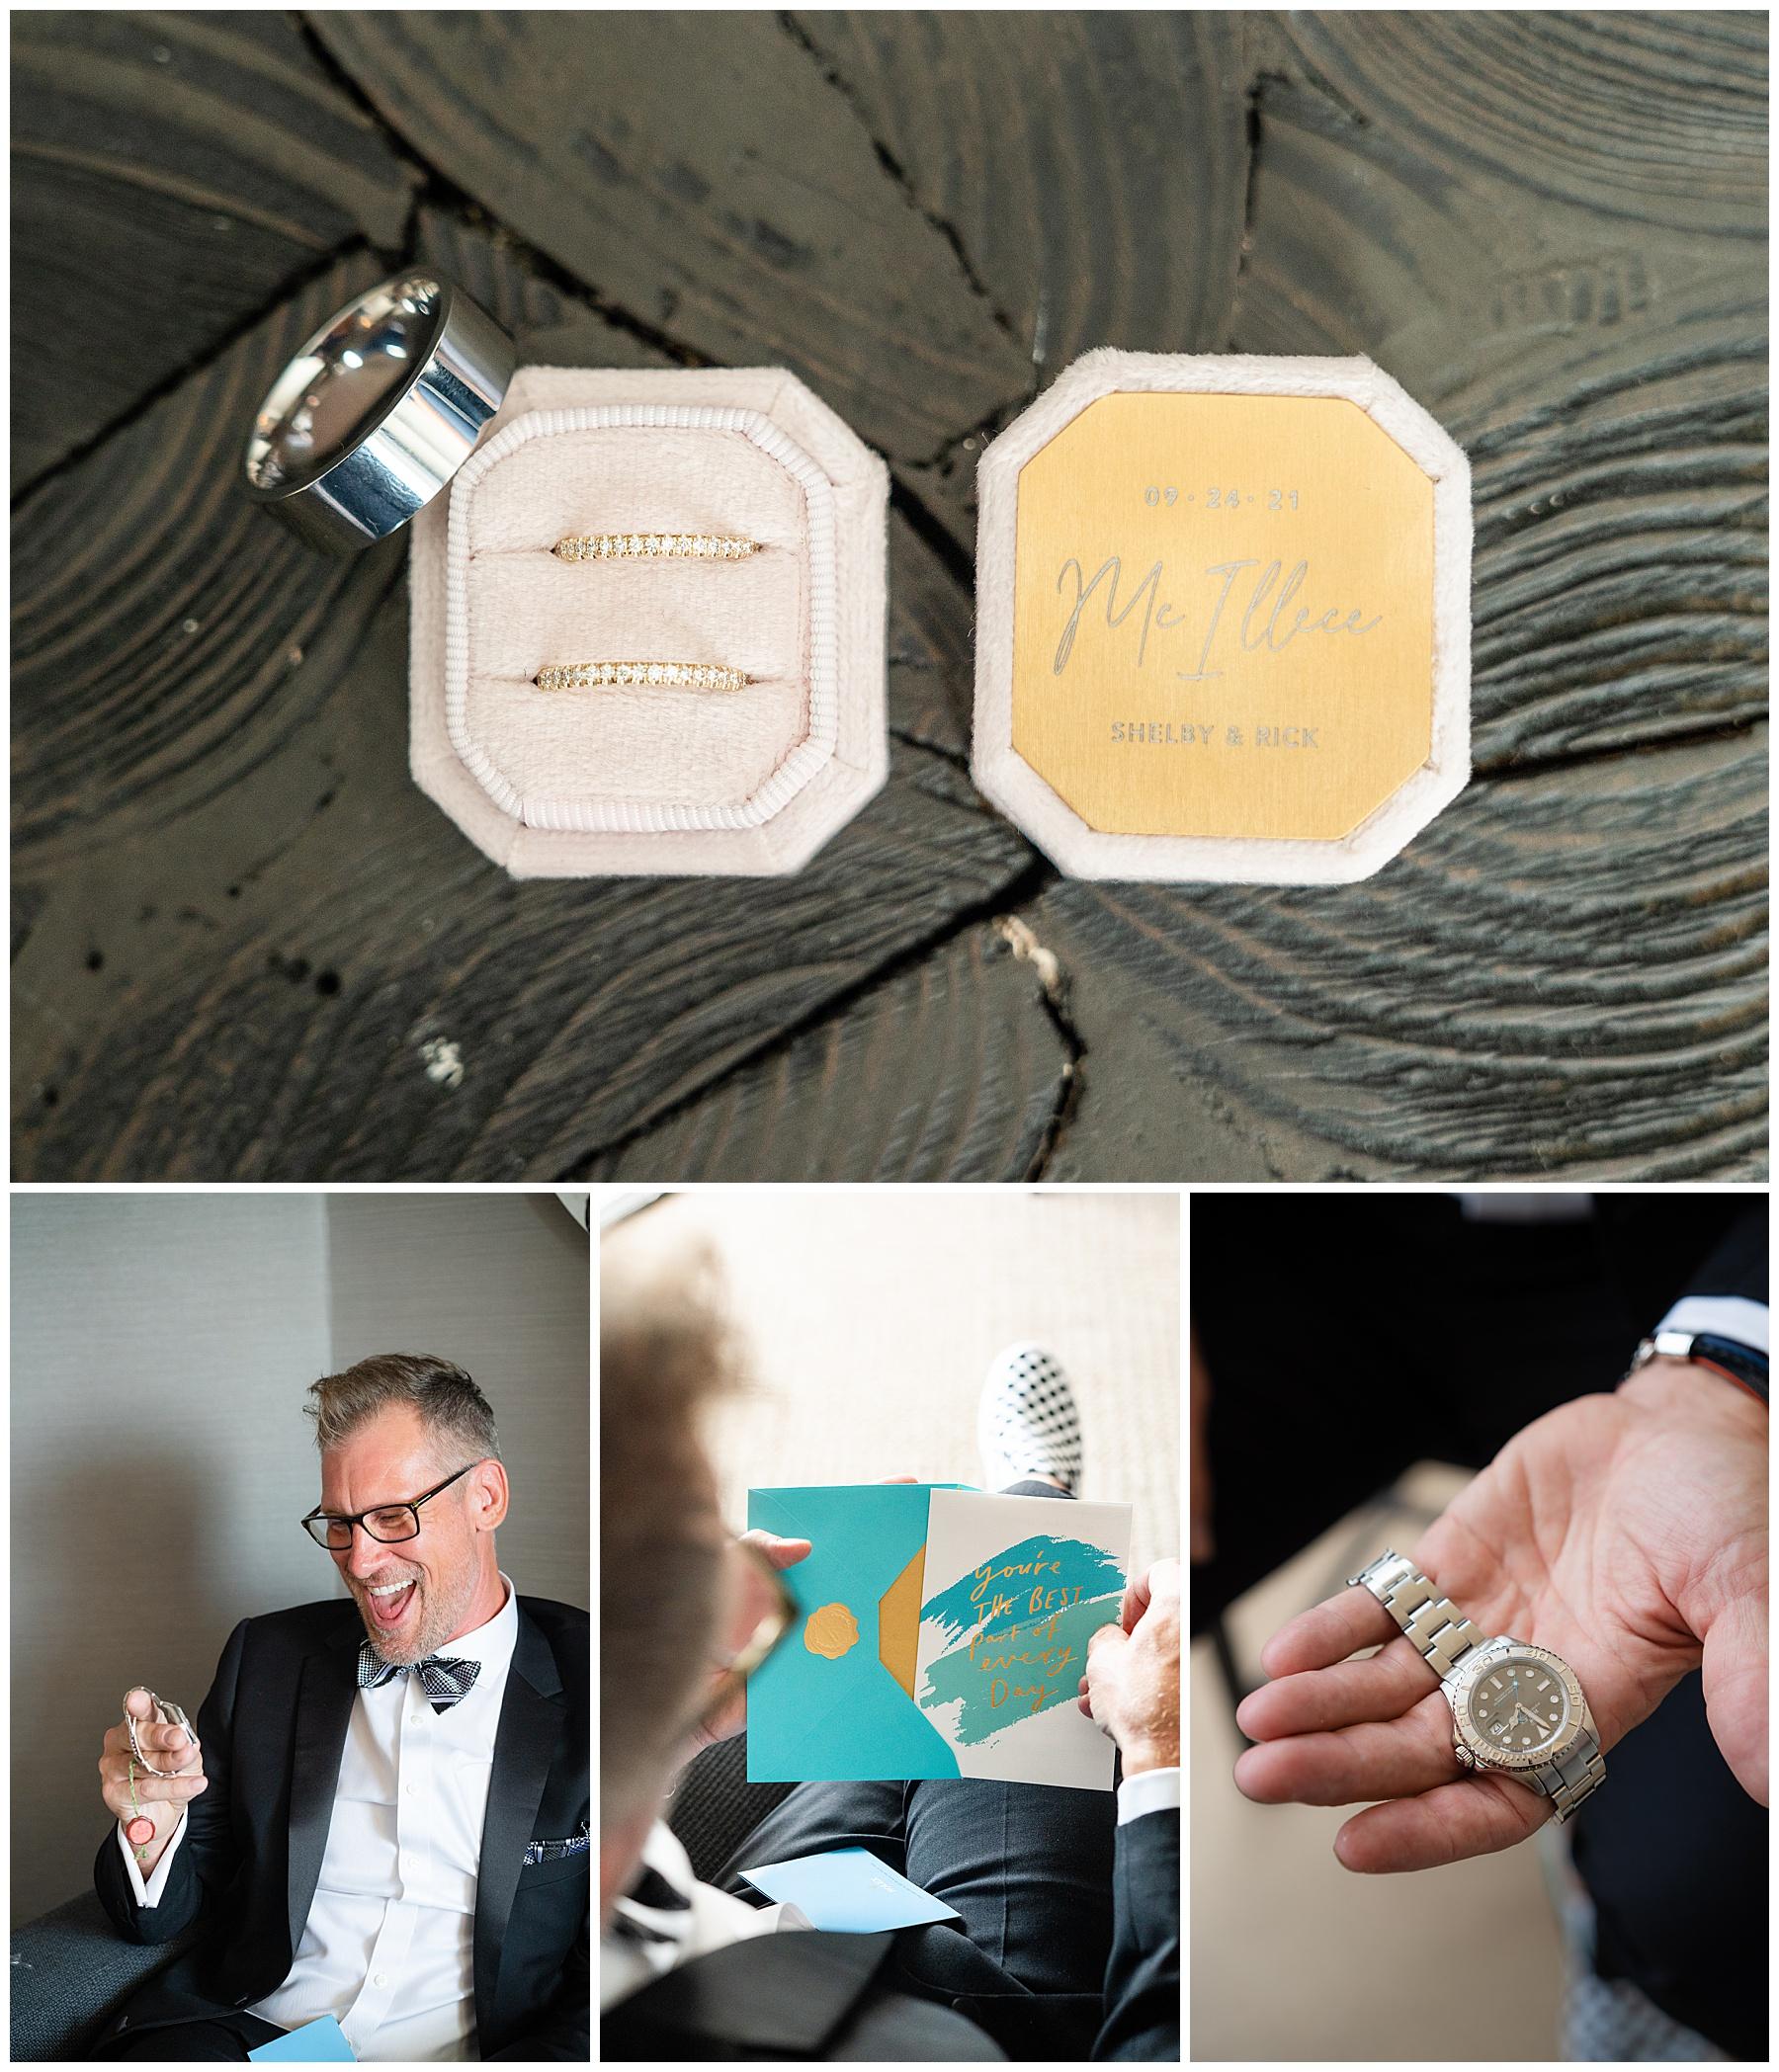 rolex wedding gift